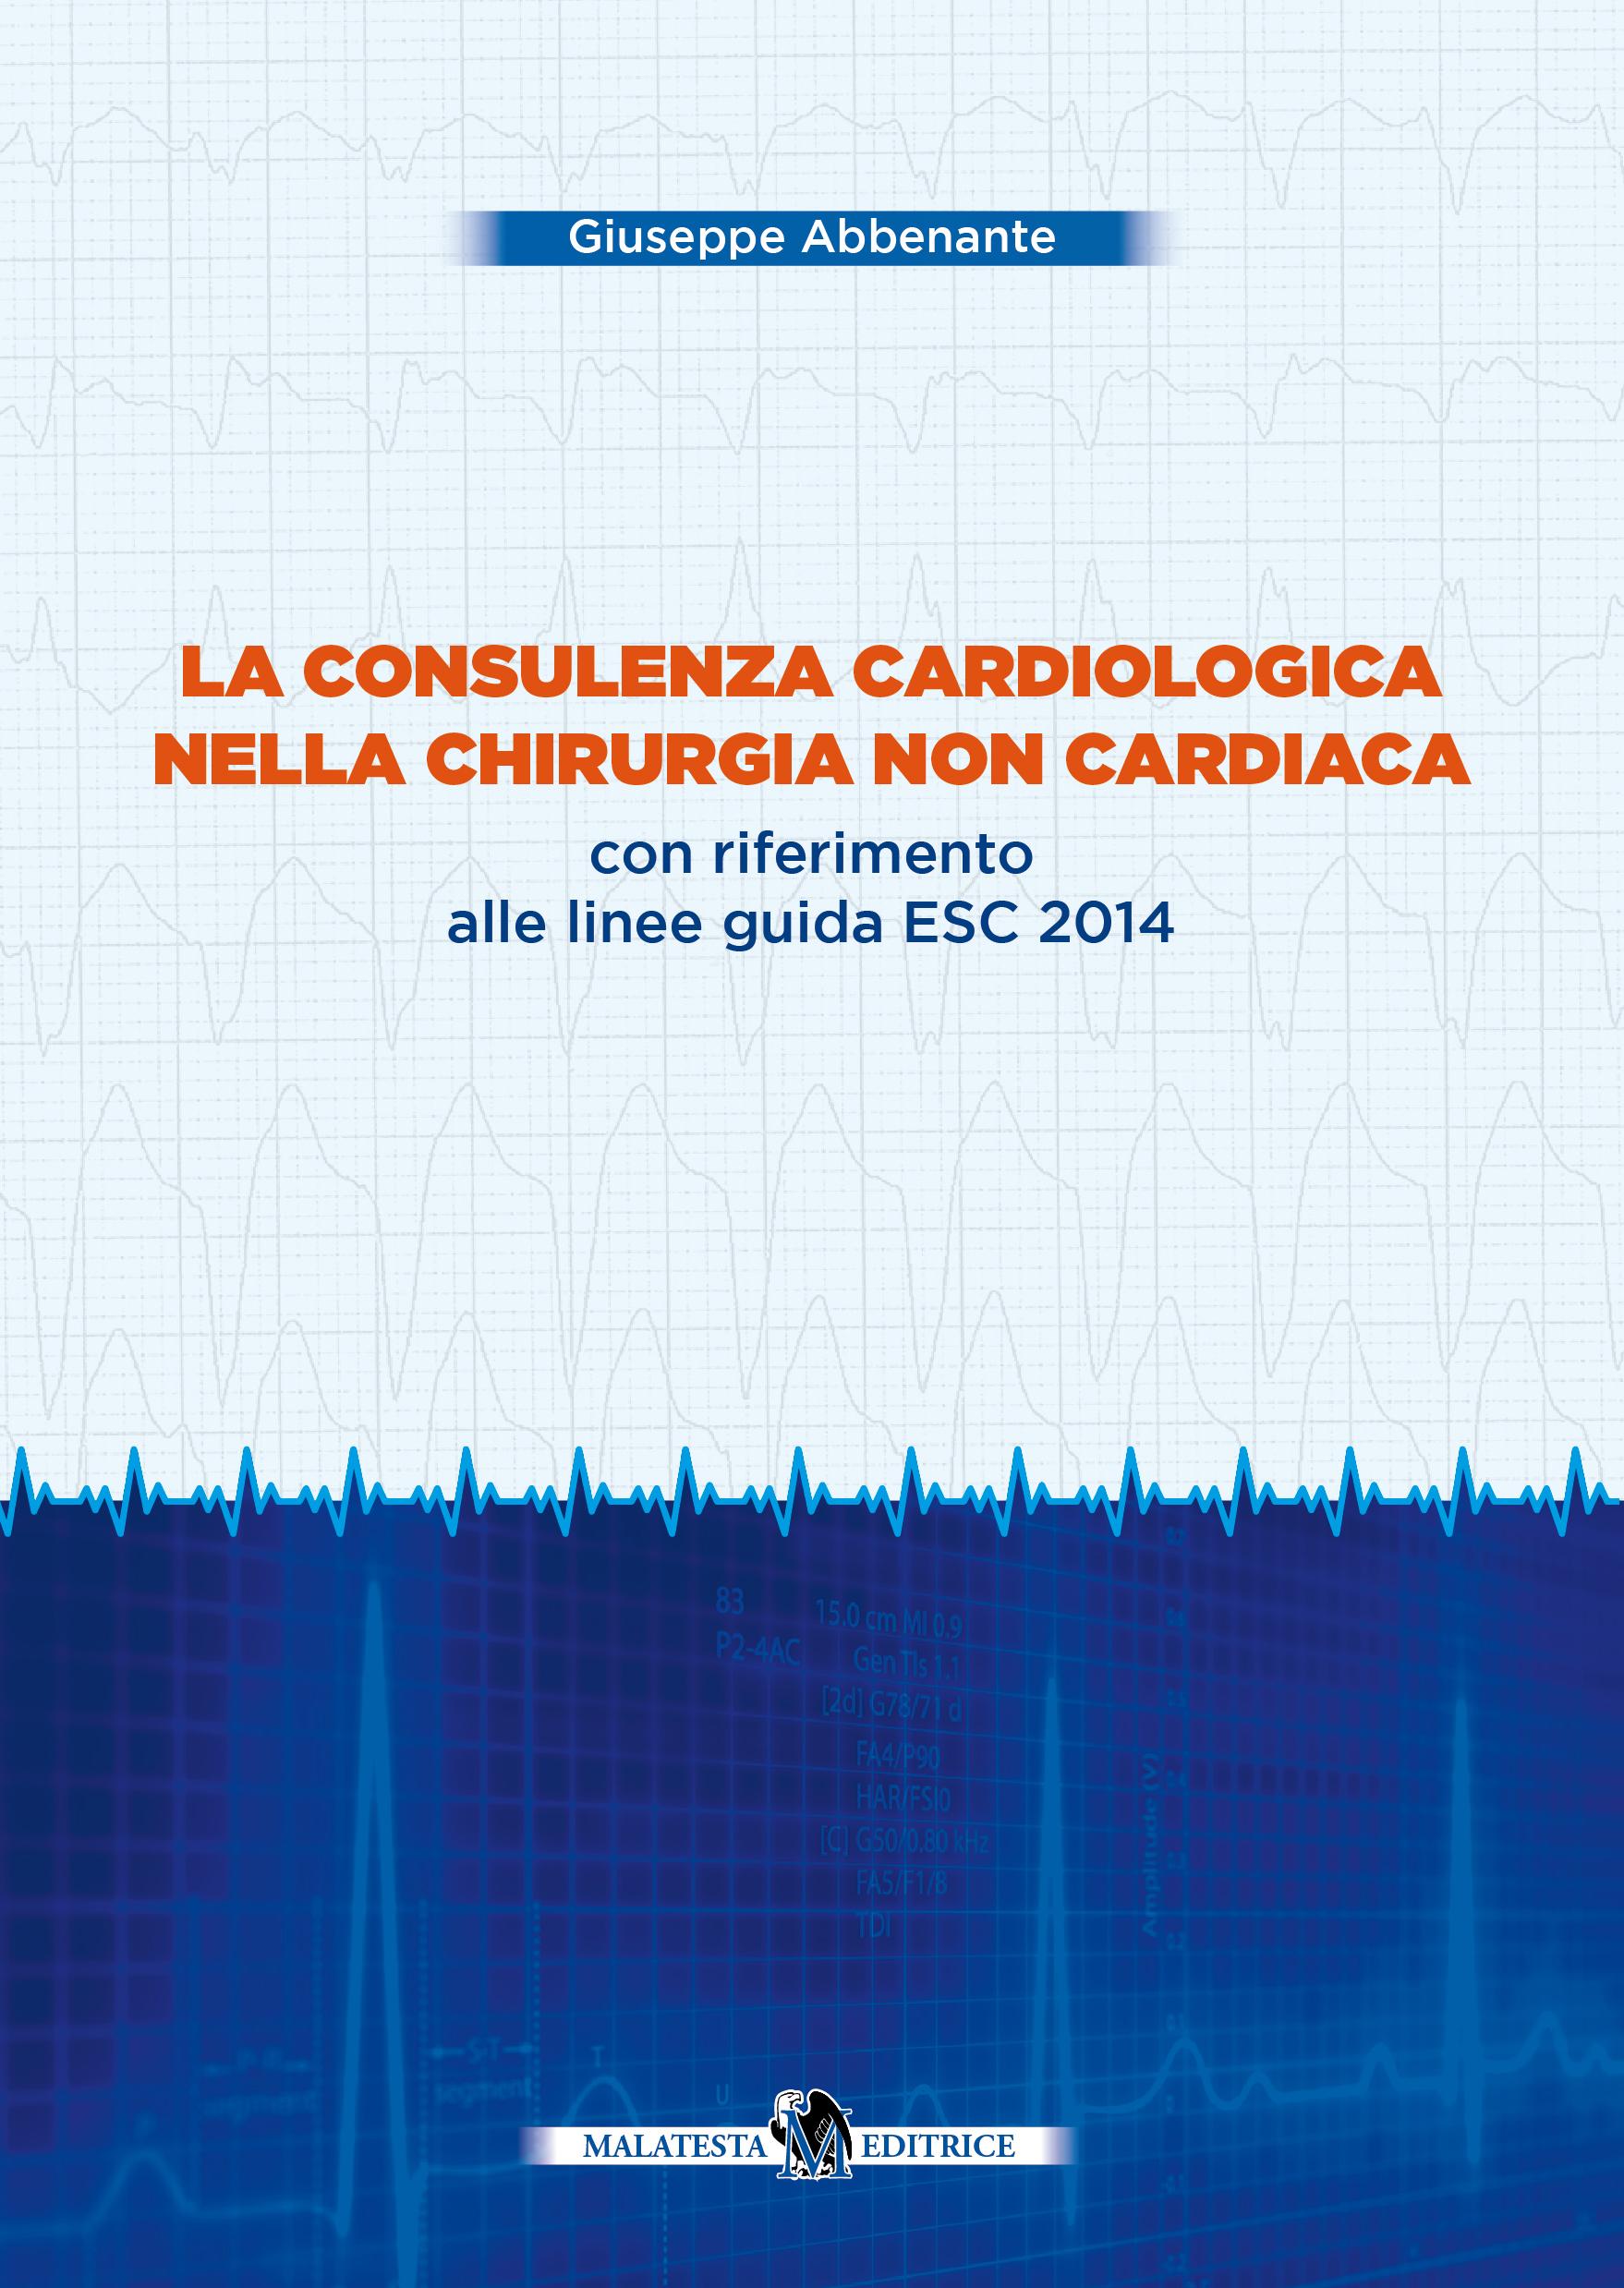 La consulenza cardiologica nella chirurgia non cardiaca